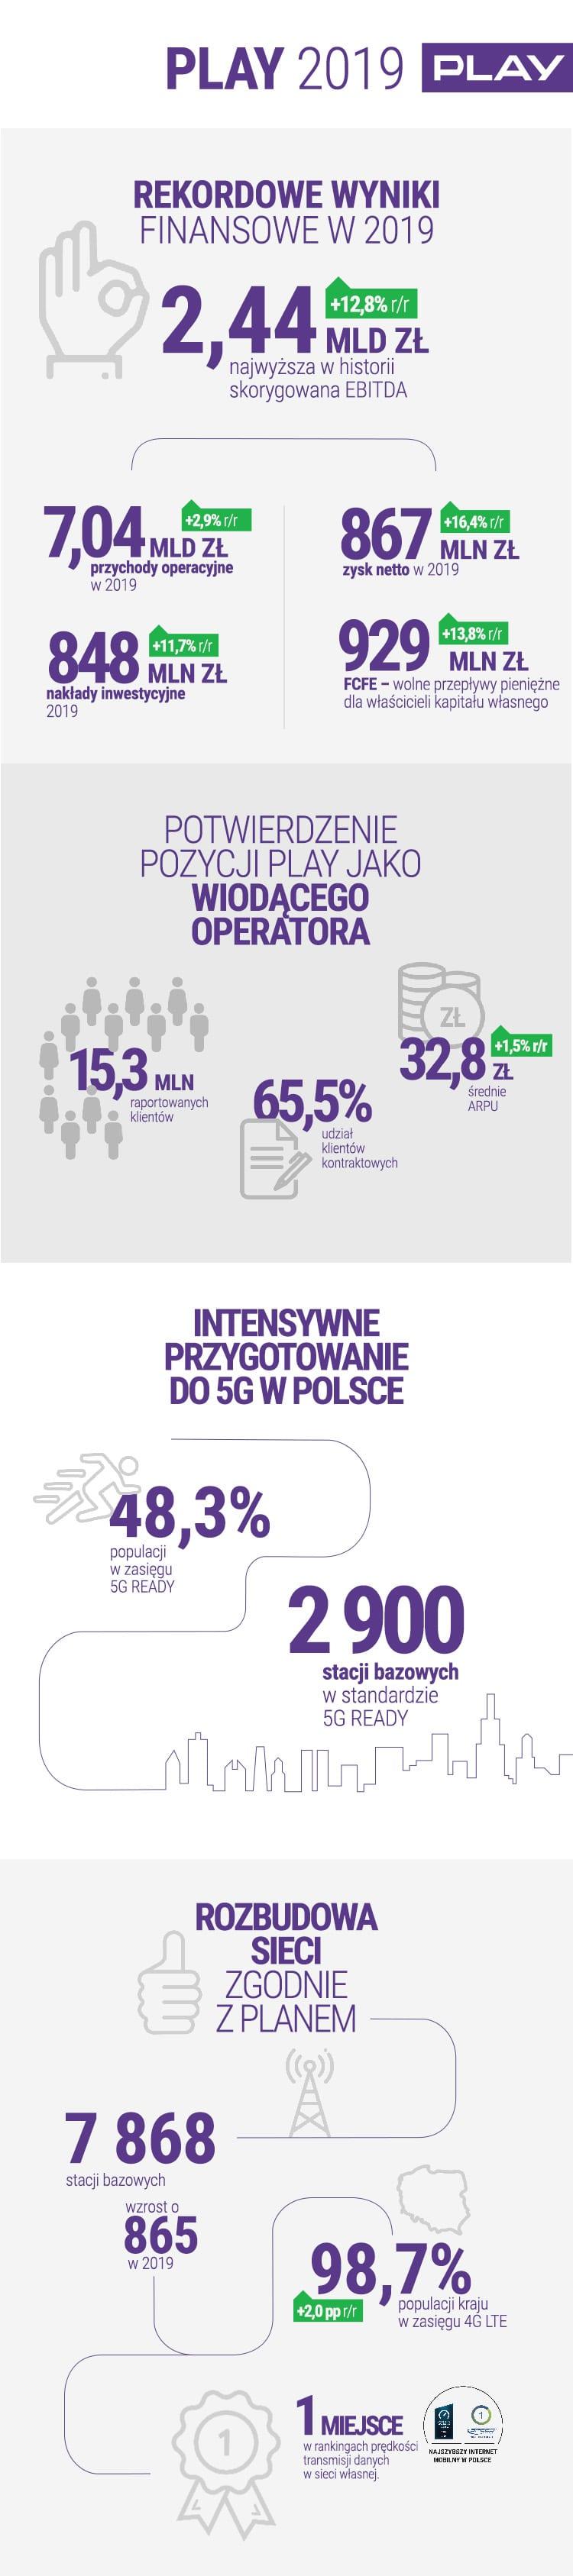 Infografika PLAY wyniki finansowe Q4 i FY 2019